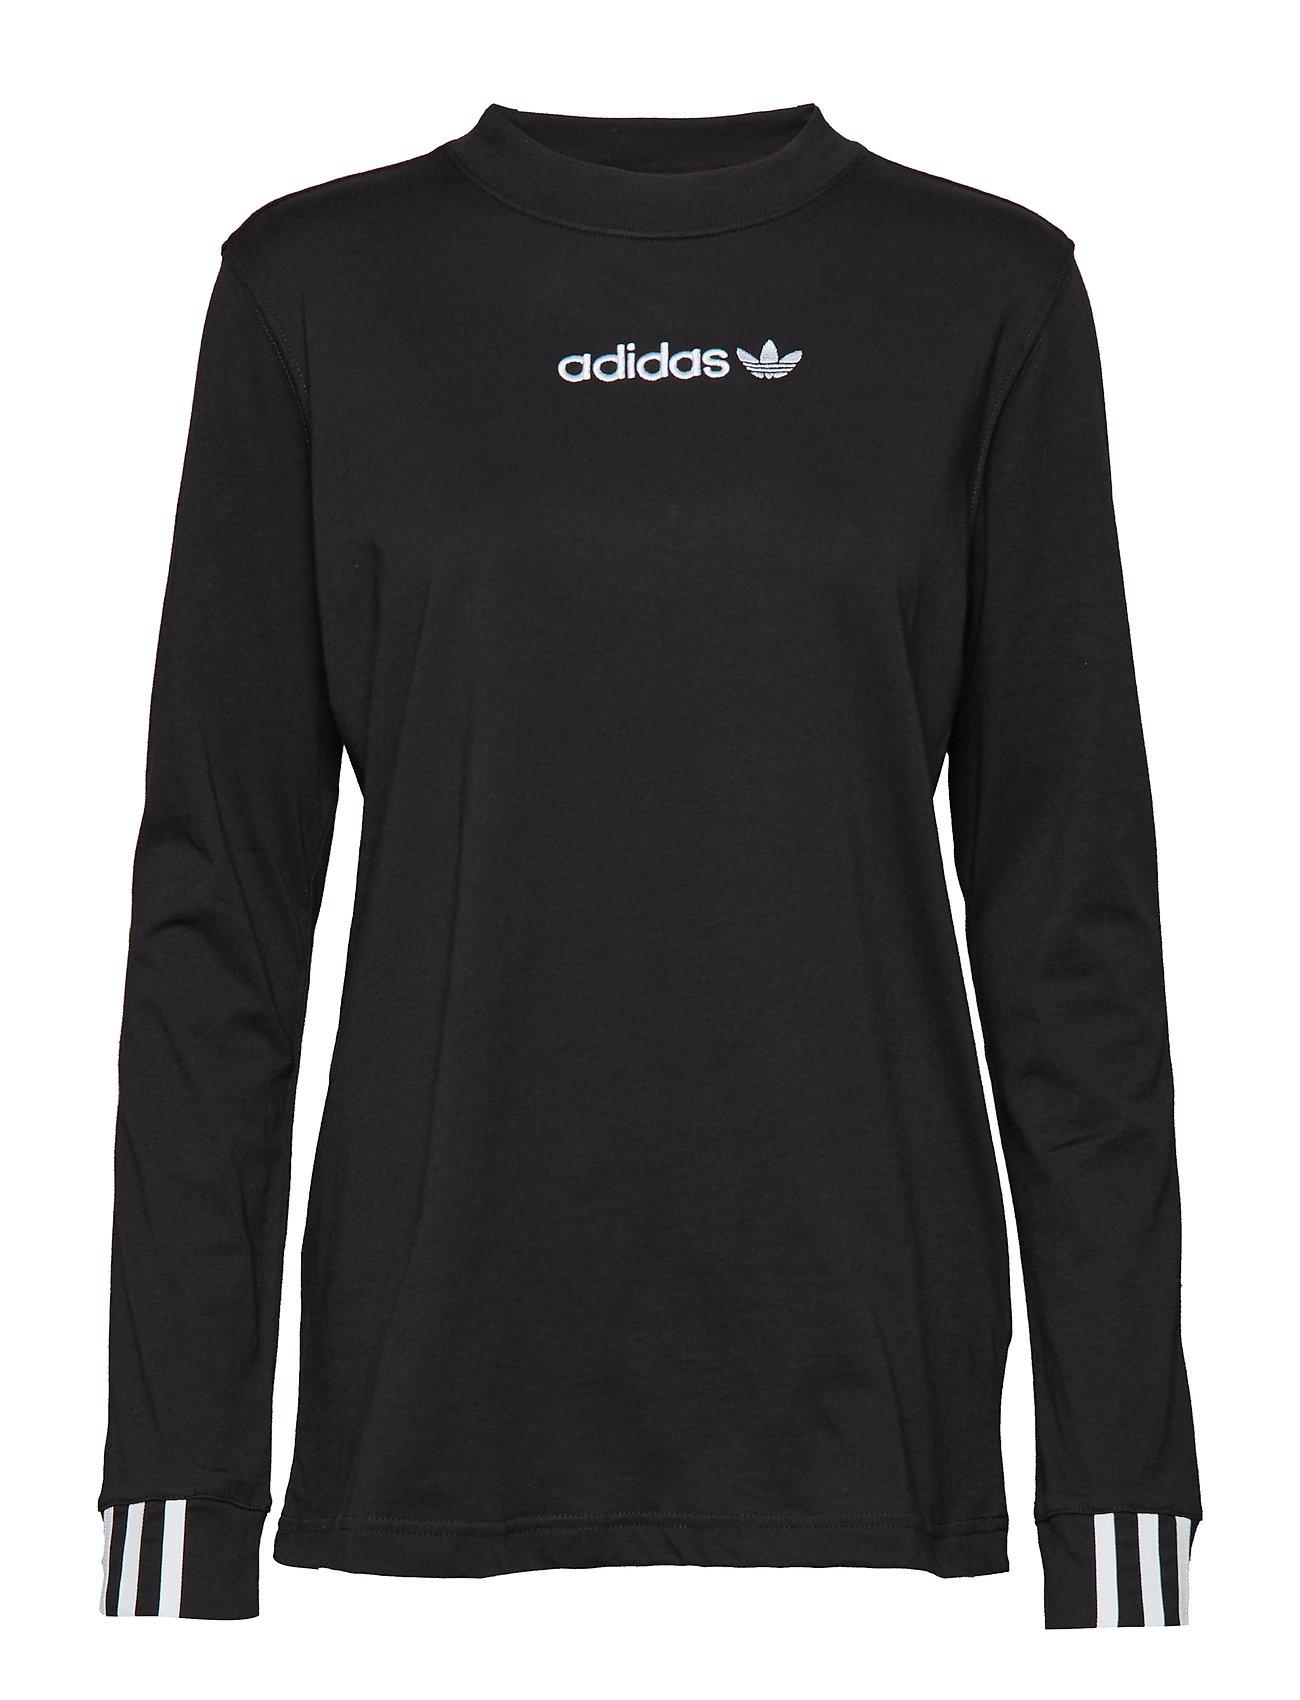 Adidas Originals Coeeze LS Ögrönlar